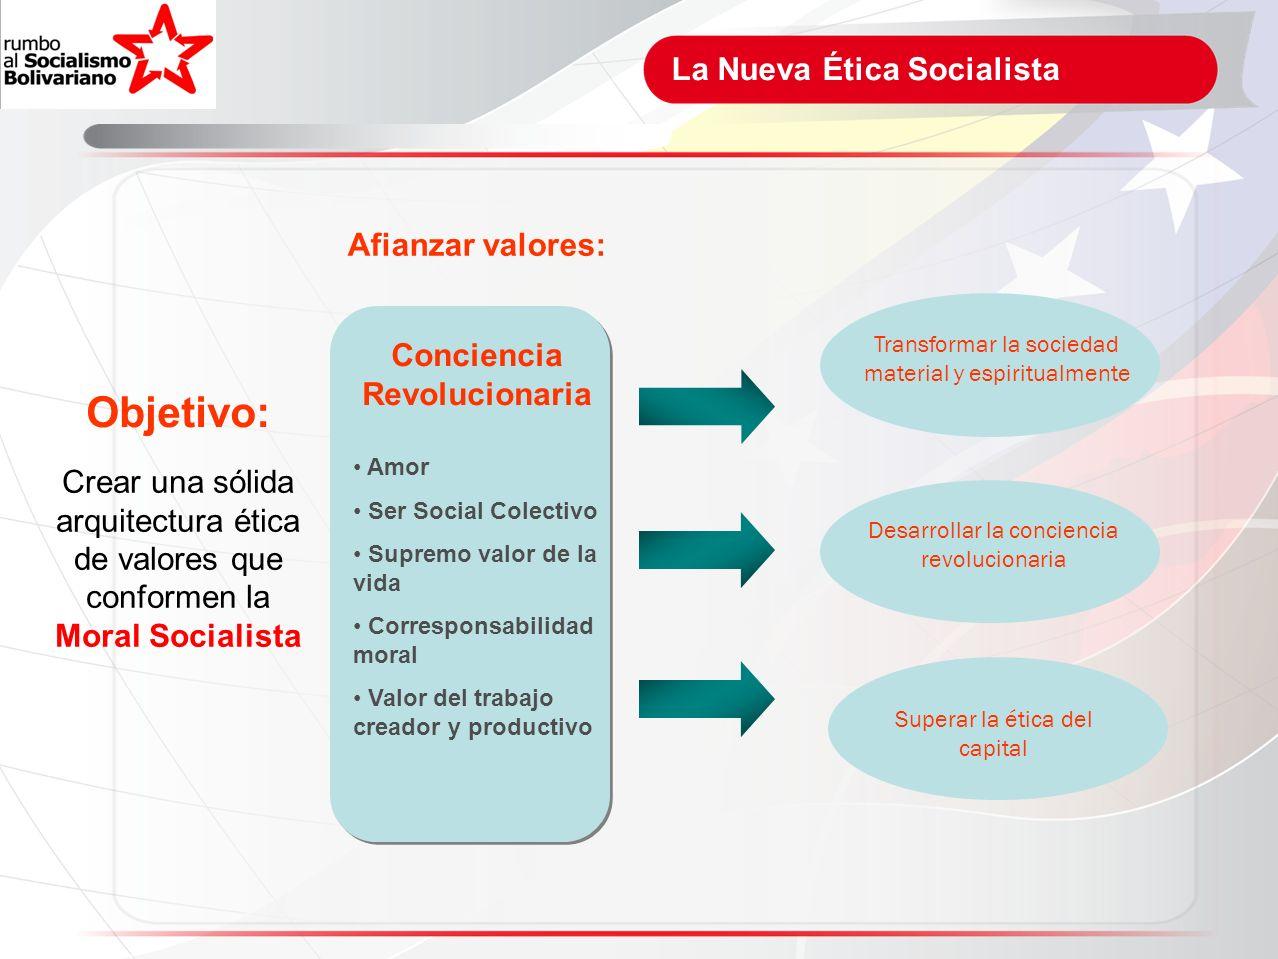 La Nueva Ética Socialista Afianzar valores: Conciencia Revolucionaria Amor Ser Social Colectivo Supremo valor de la vida Corresponsabilidad moral Valo